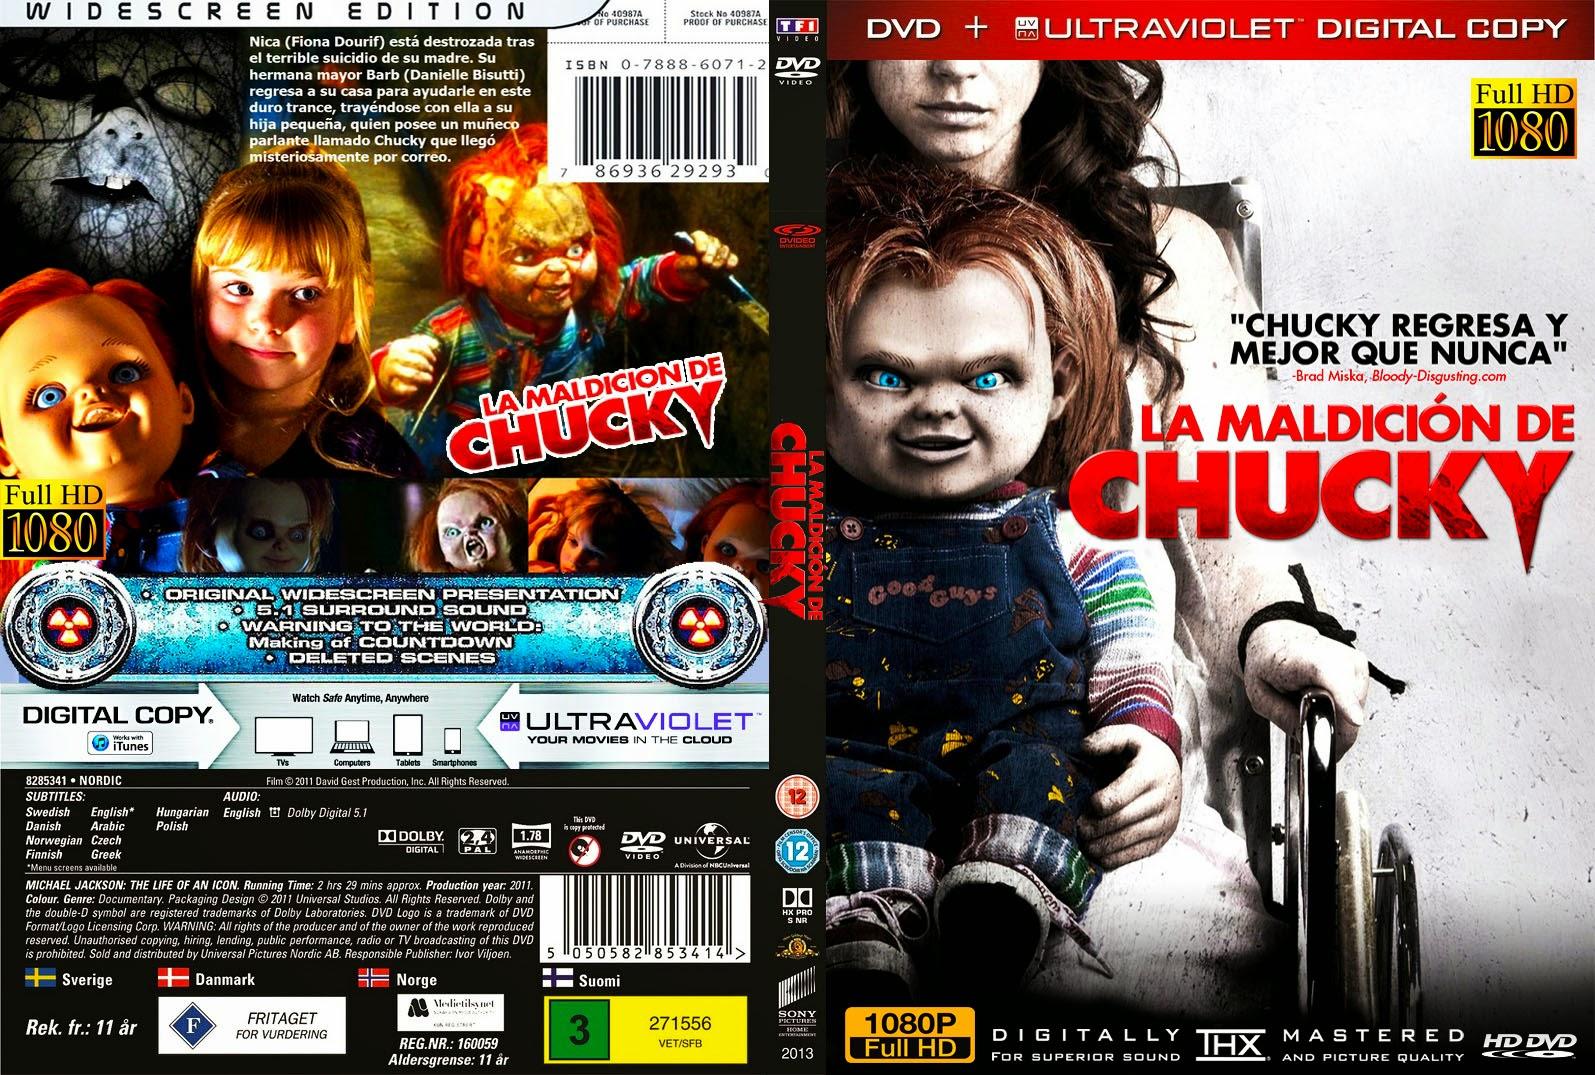 curse of chucky 2013 dvd